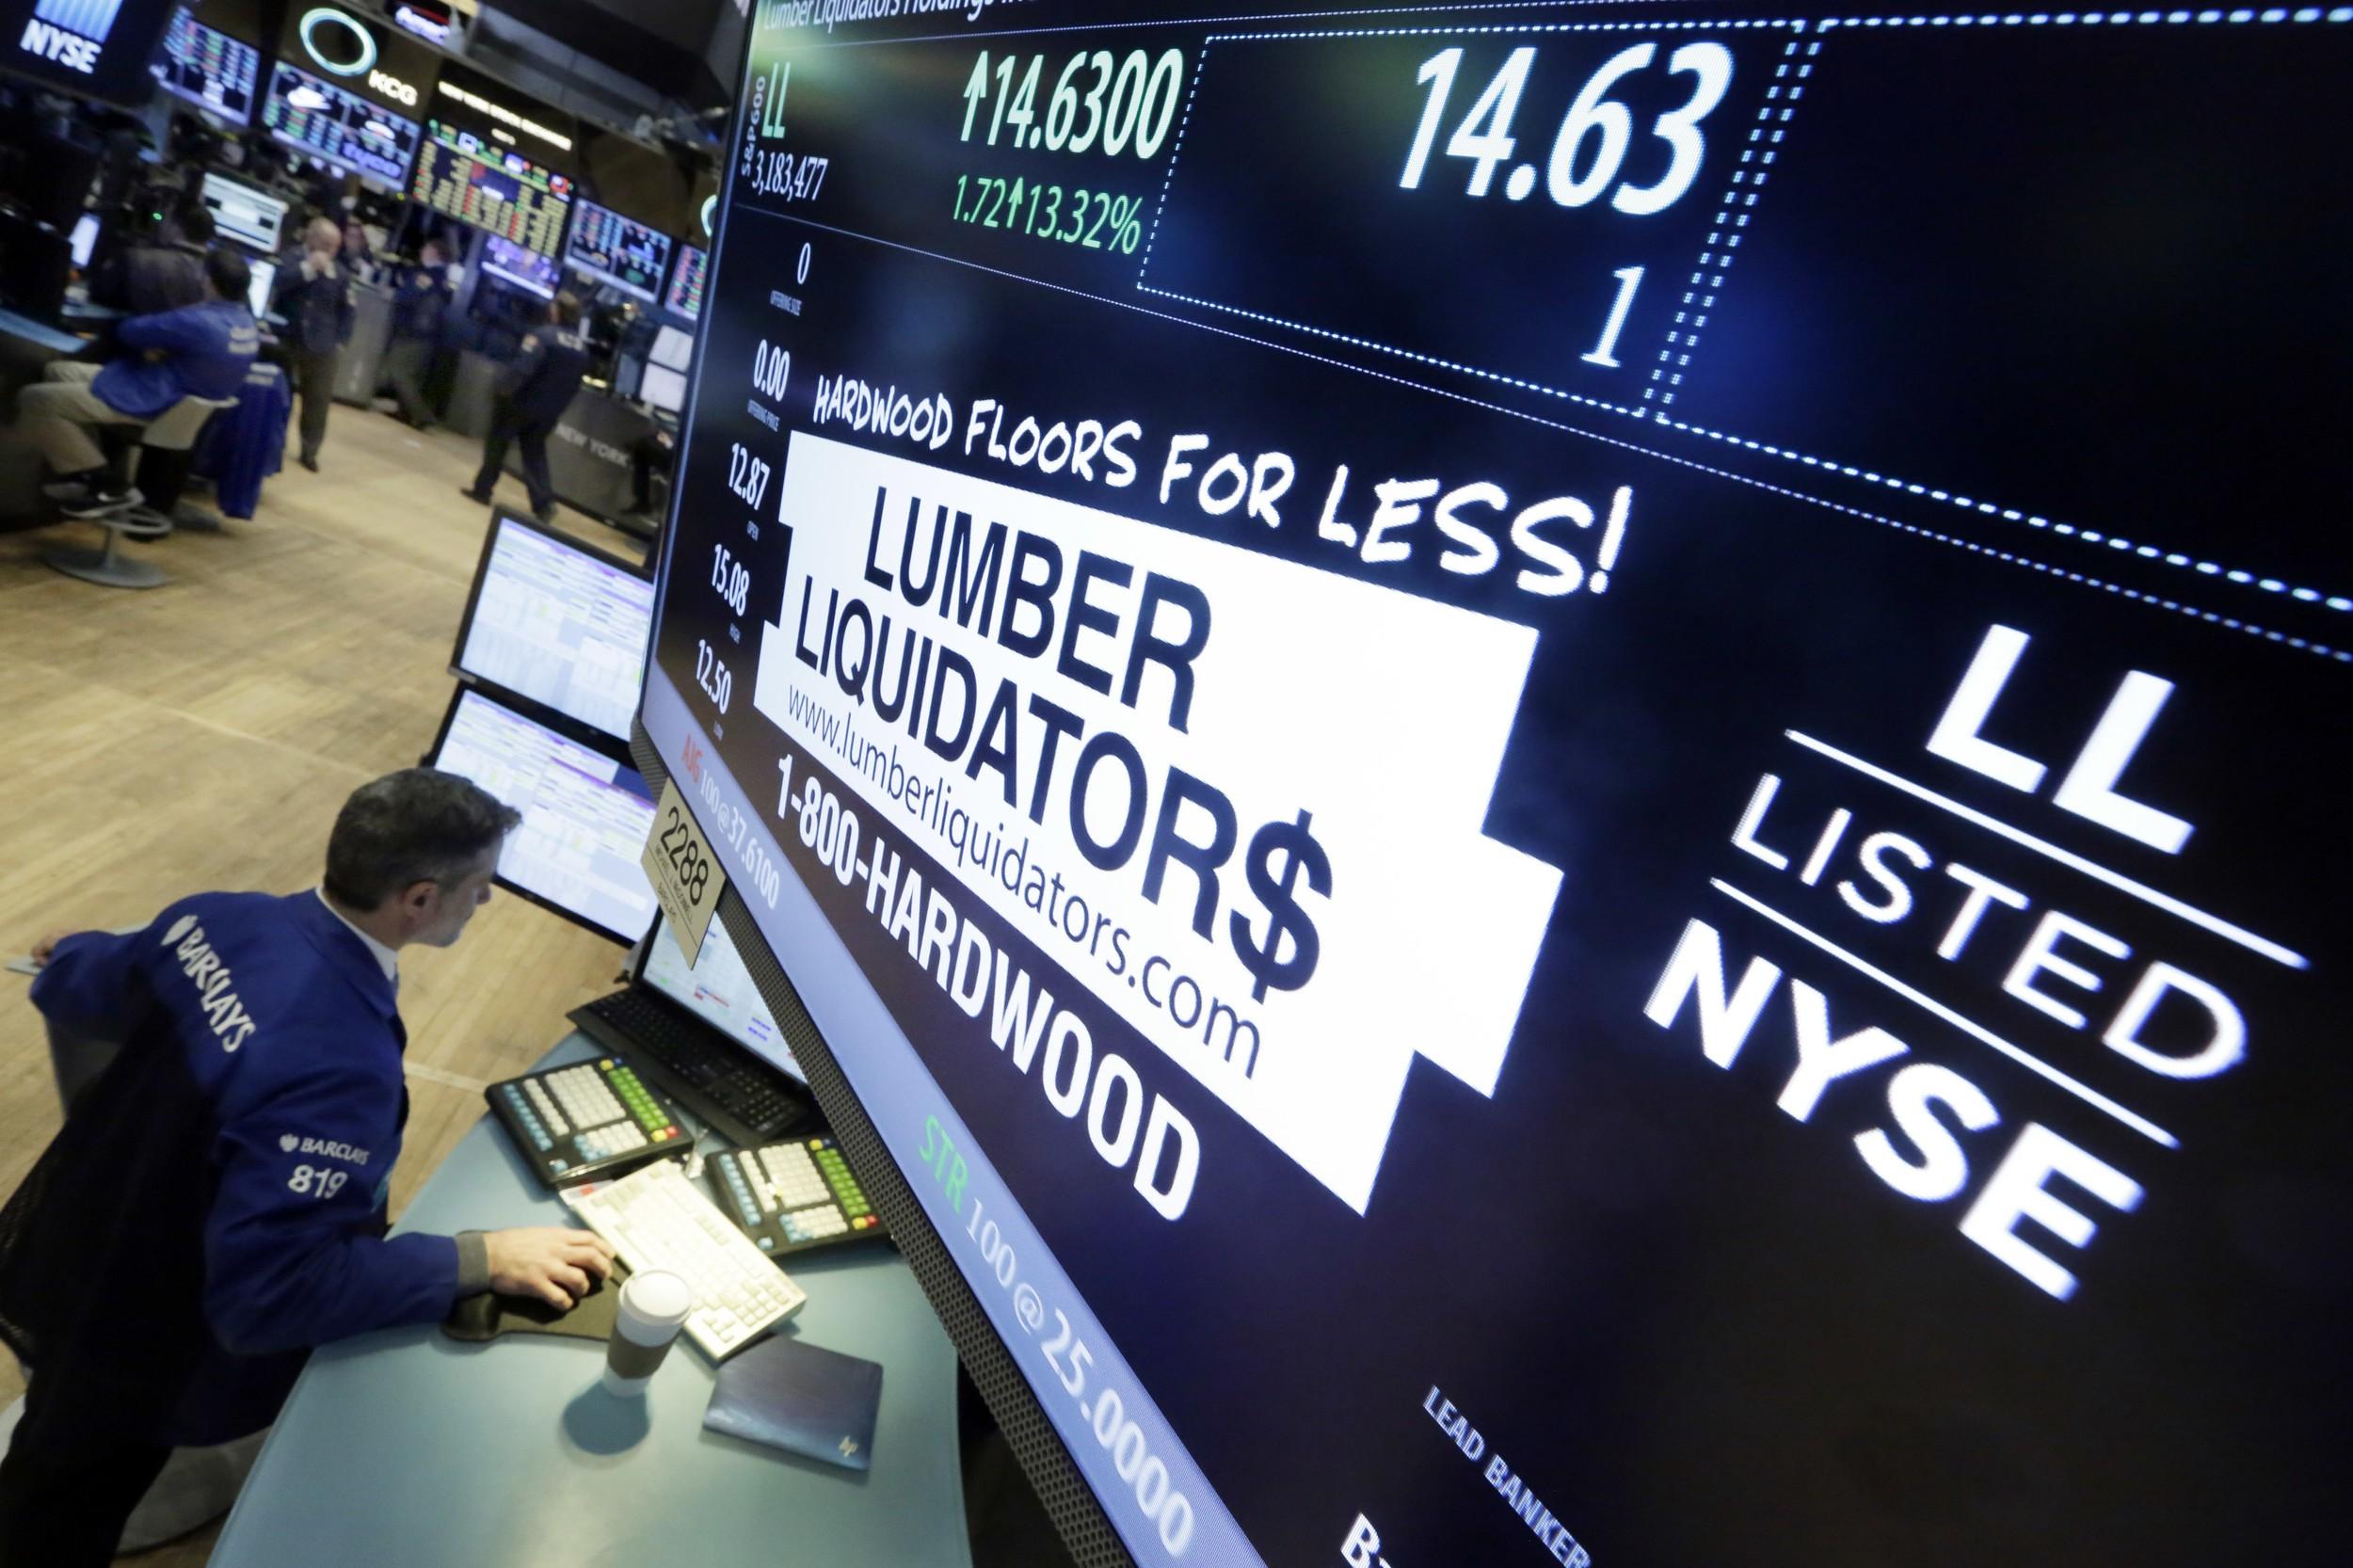 美国纽约证券交易所内的林木宝公司(Lumber Liquidators,LL)标志。(美联社)